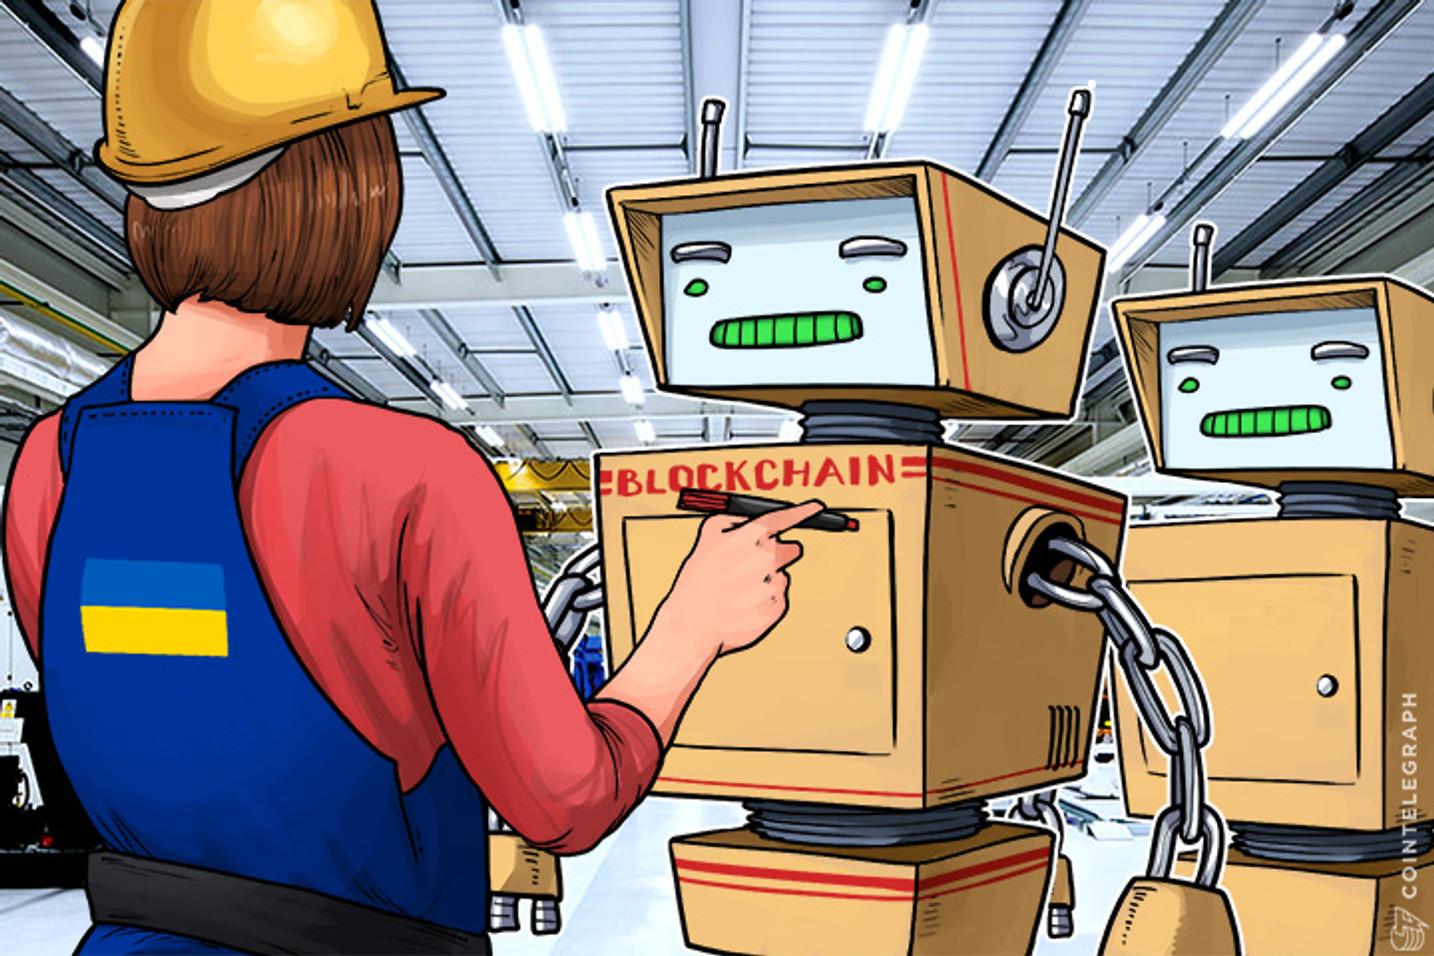 A Ucrânia Usará Blockchain Em Transferências De Terra